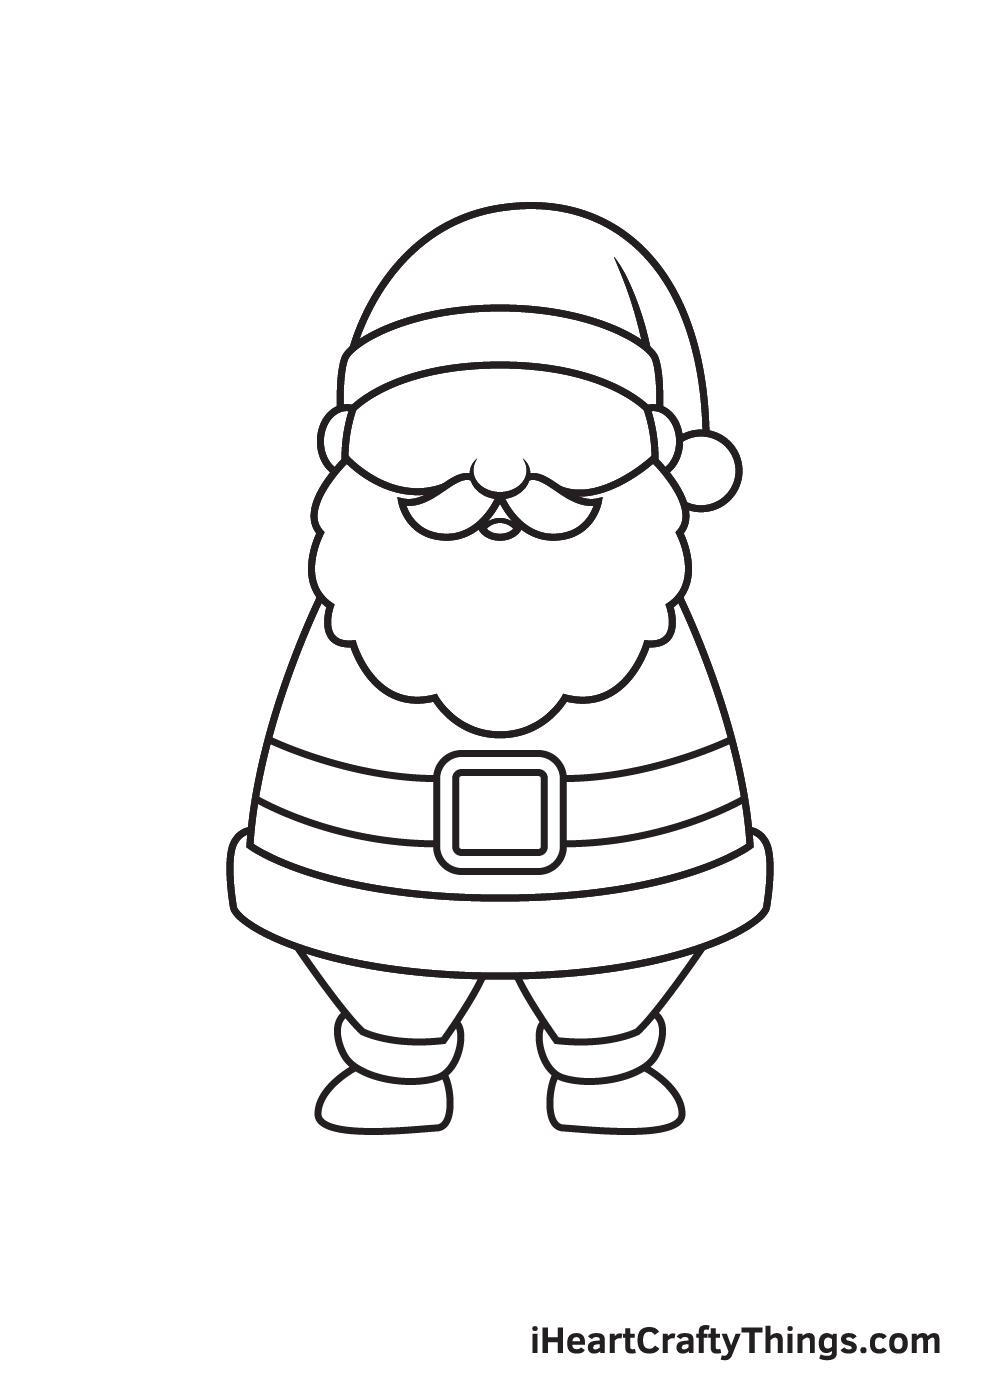 Santa Claus Drawing – Step 7